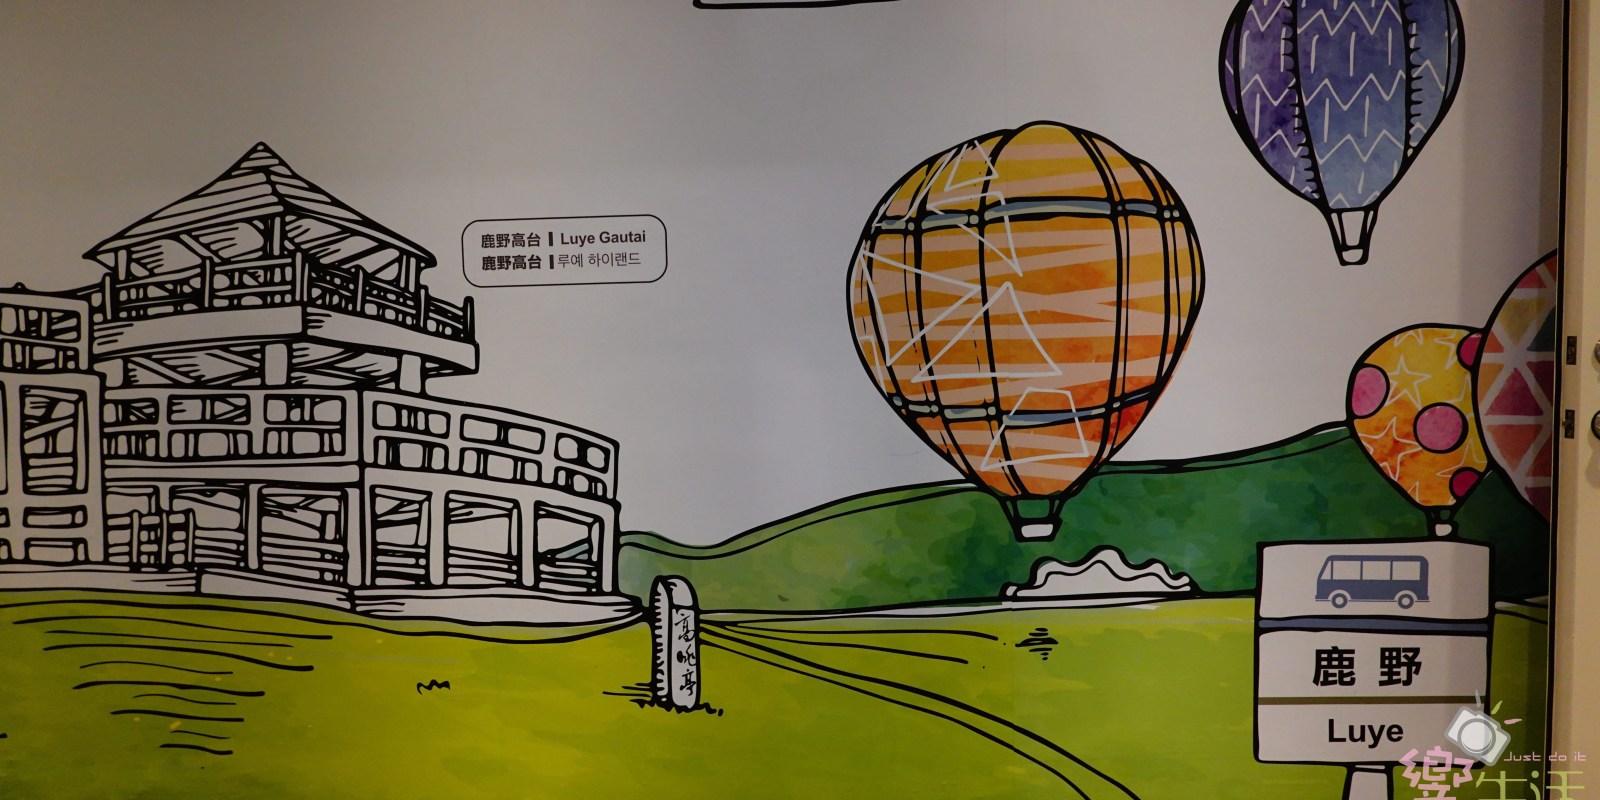 台東》近台東夜市 旅人驛站 鐵花文創館 彩繪美景 交通便利